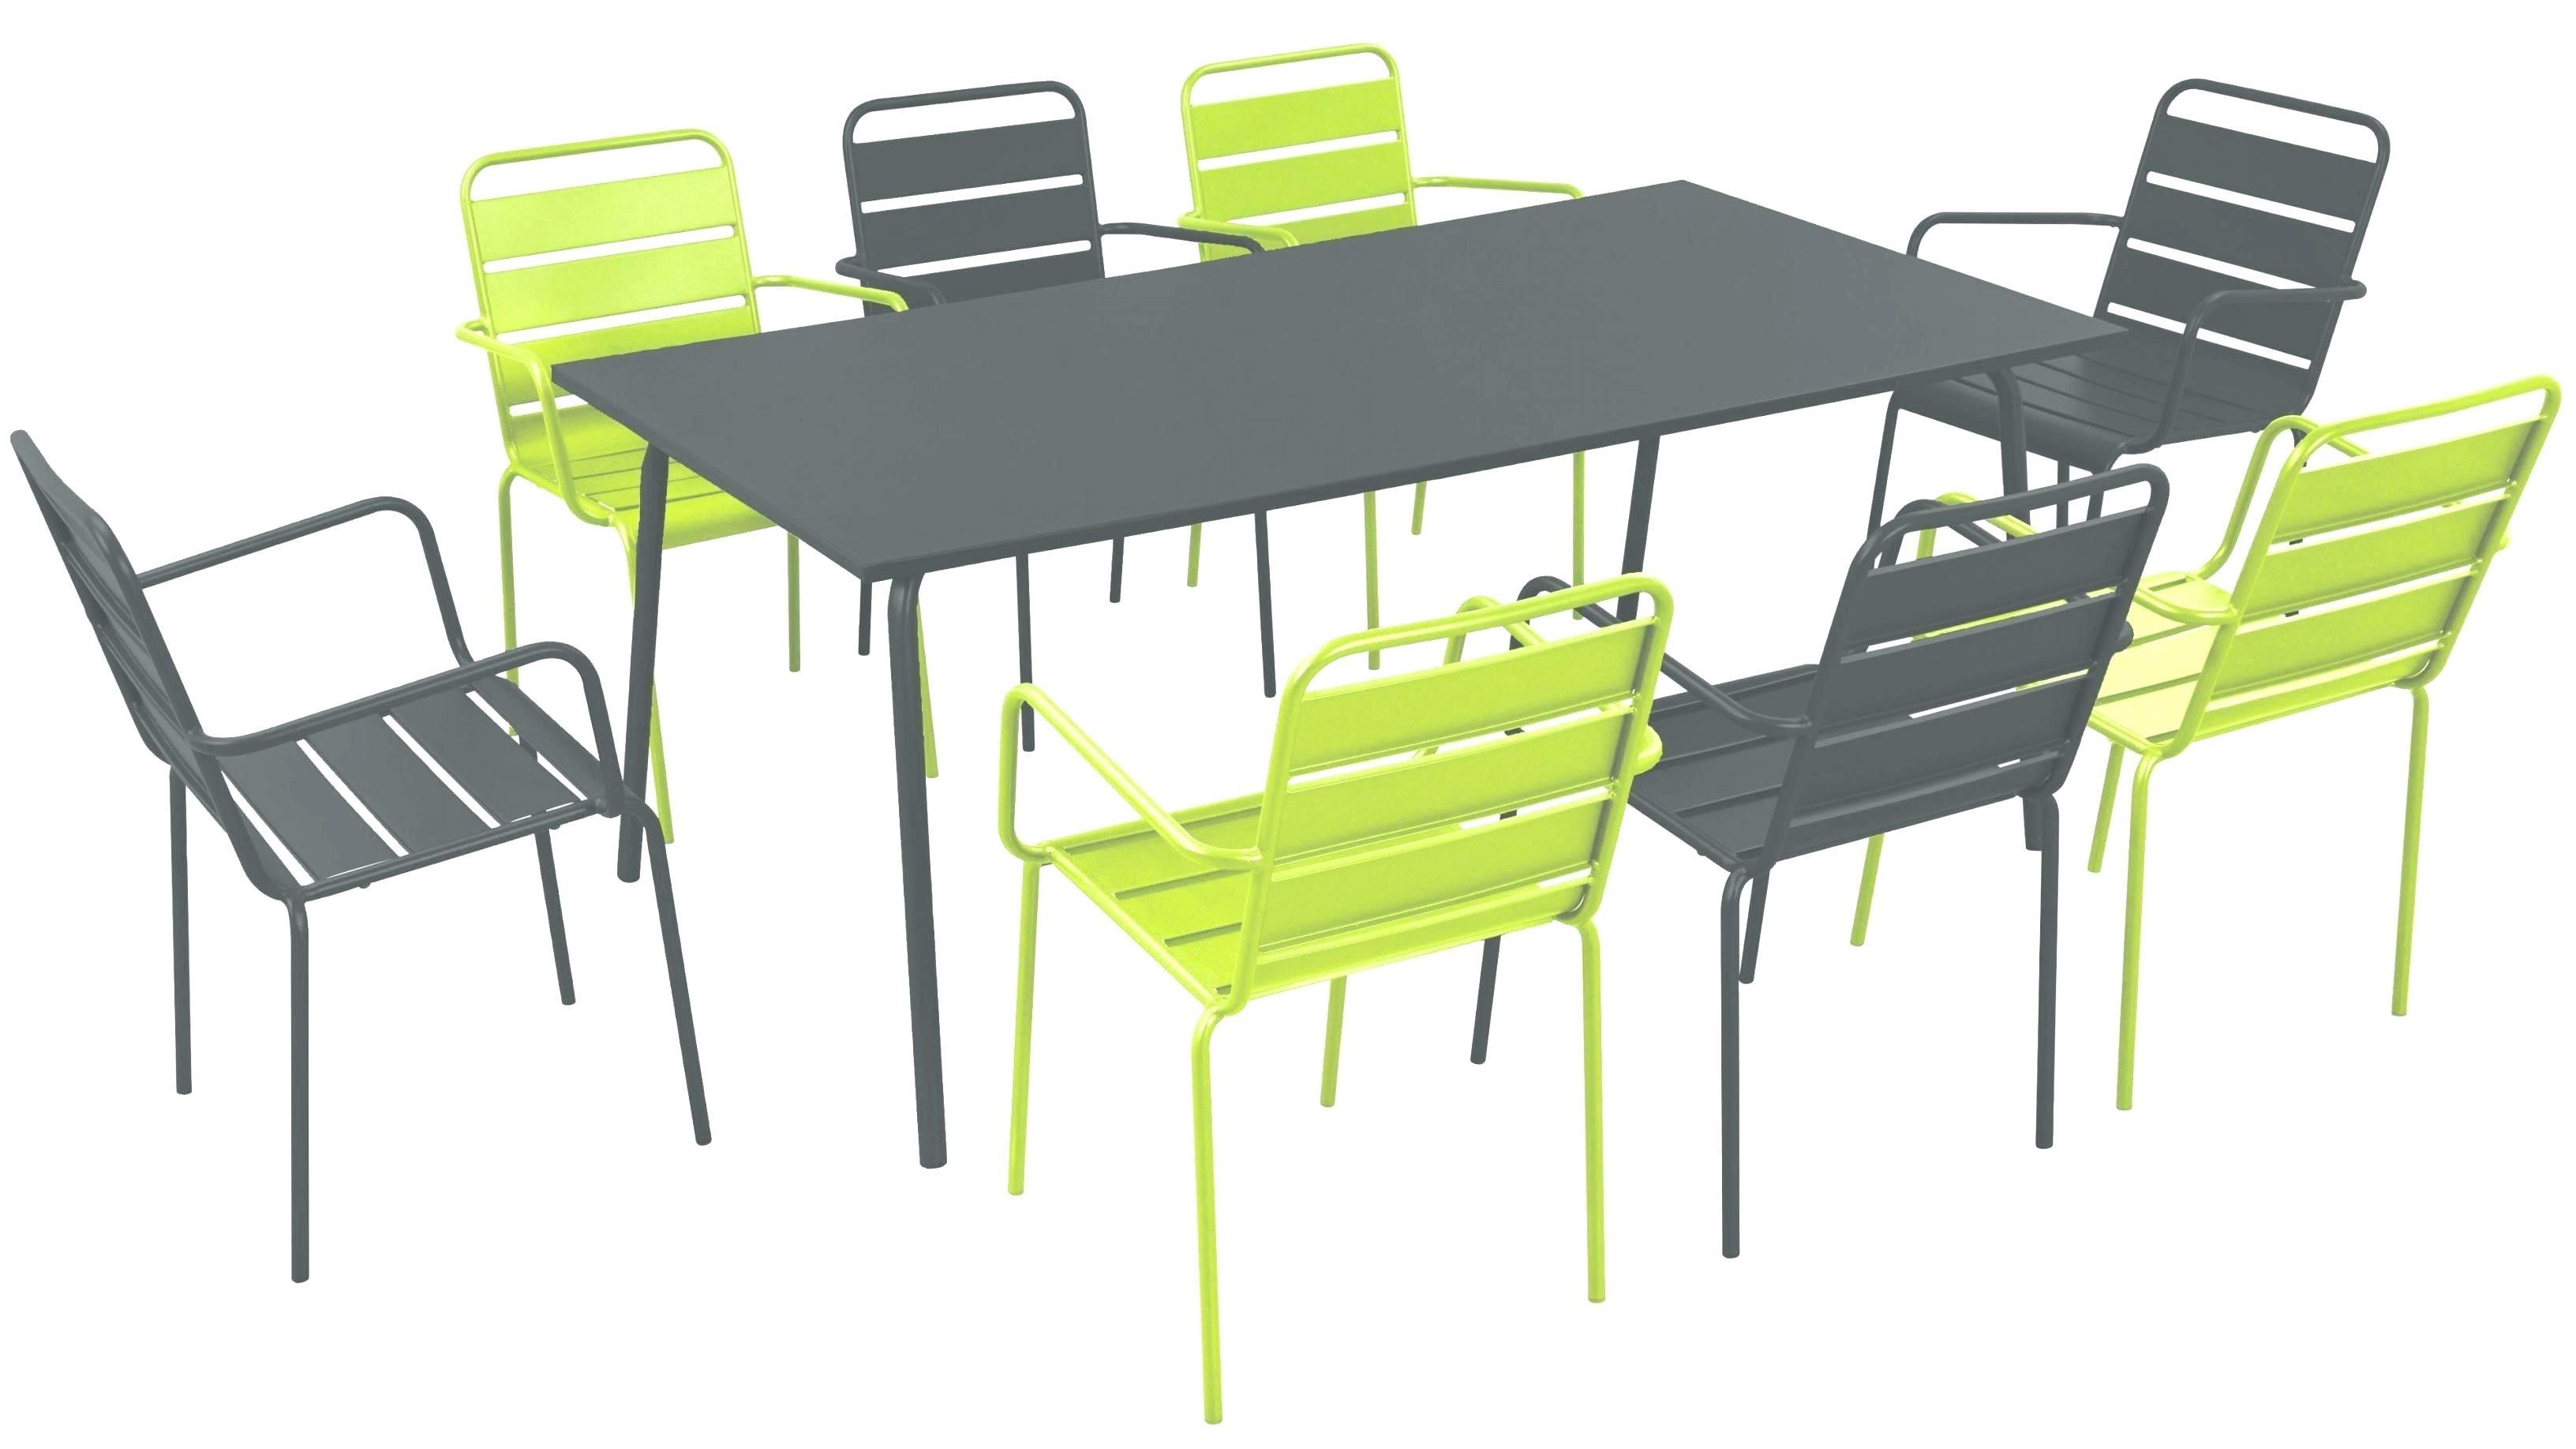 Table Et Chaises De Jardin Leclerc Impressionnant Image Leclerc Chaise De Jardin Moorea Salon De Jardin Salon Jardin Mejores